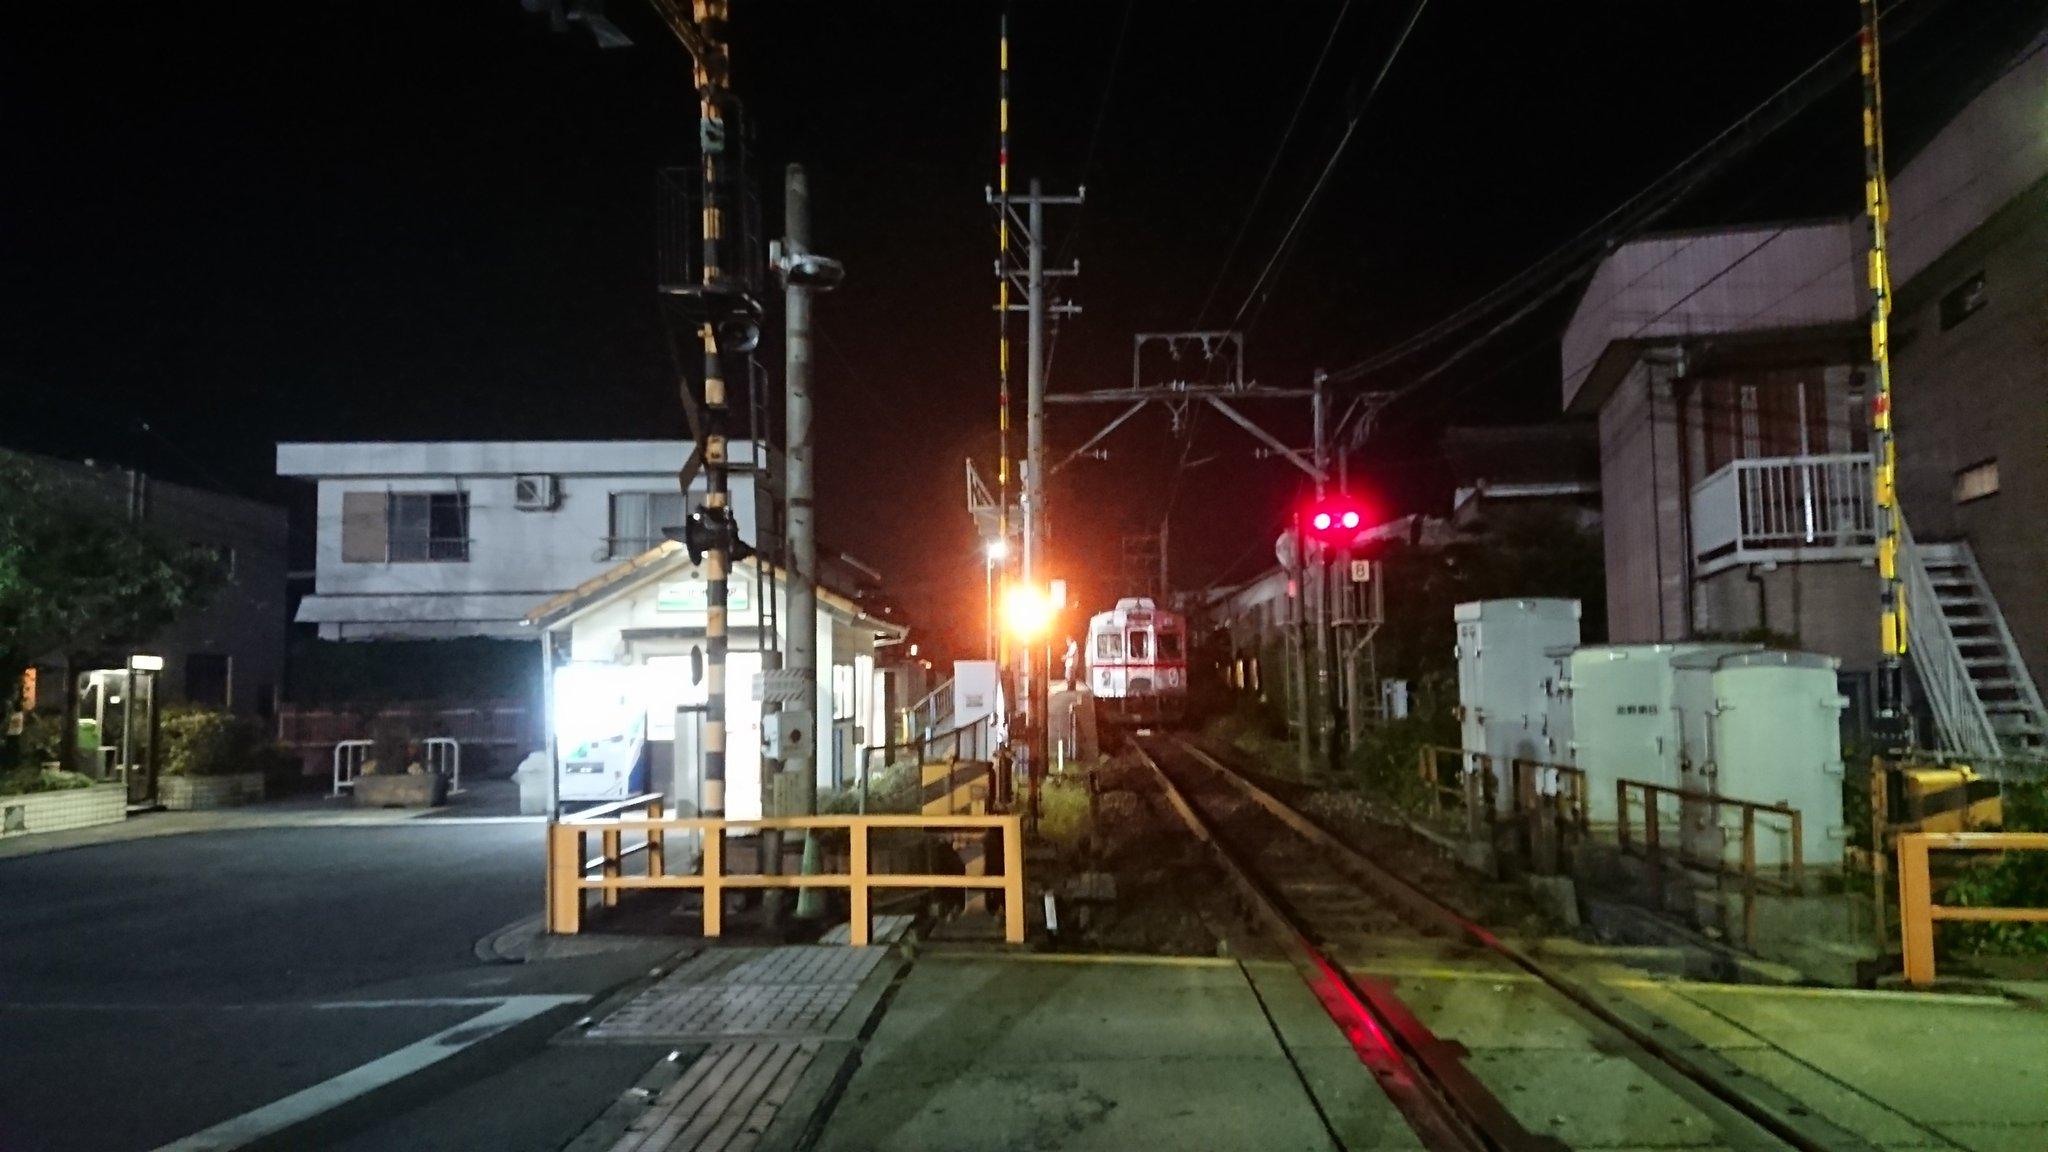 画像,養老鉄道は西大垣~大垣~揖斐間で電車線(架線)の停電のため運転見合わせ中です。利用者の皆様、現場係員の皆様ご苦労様です。 https://t.co/lO2L2w…